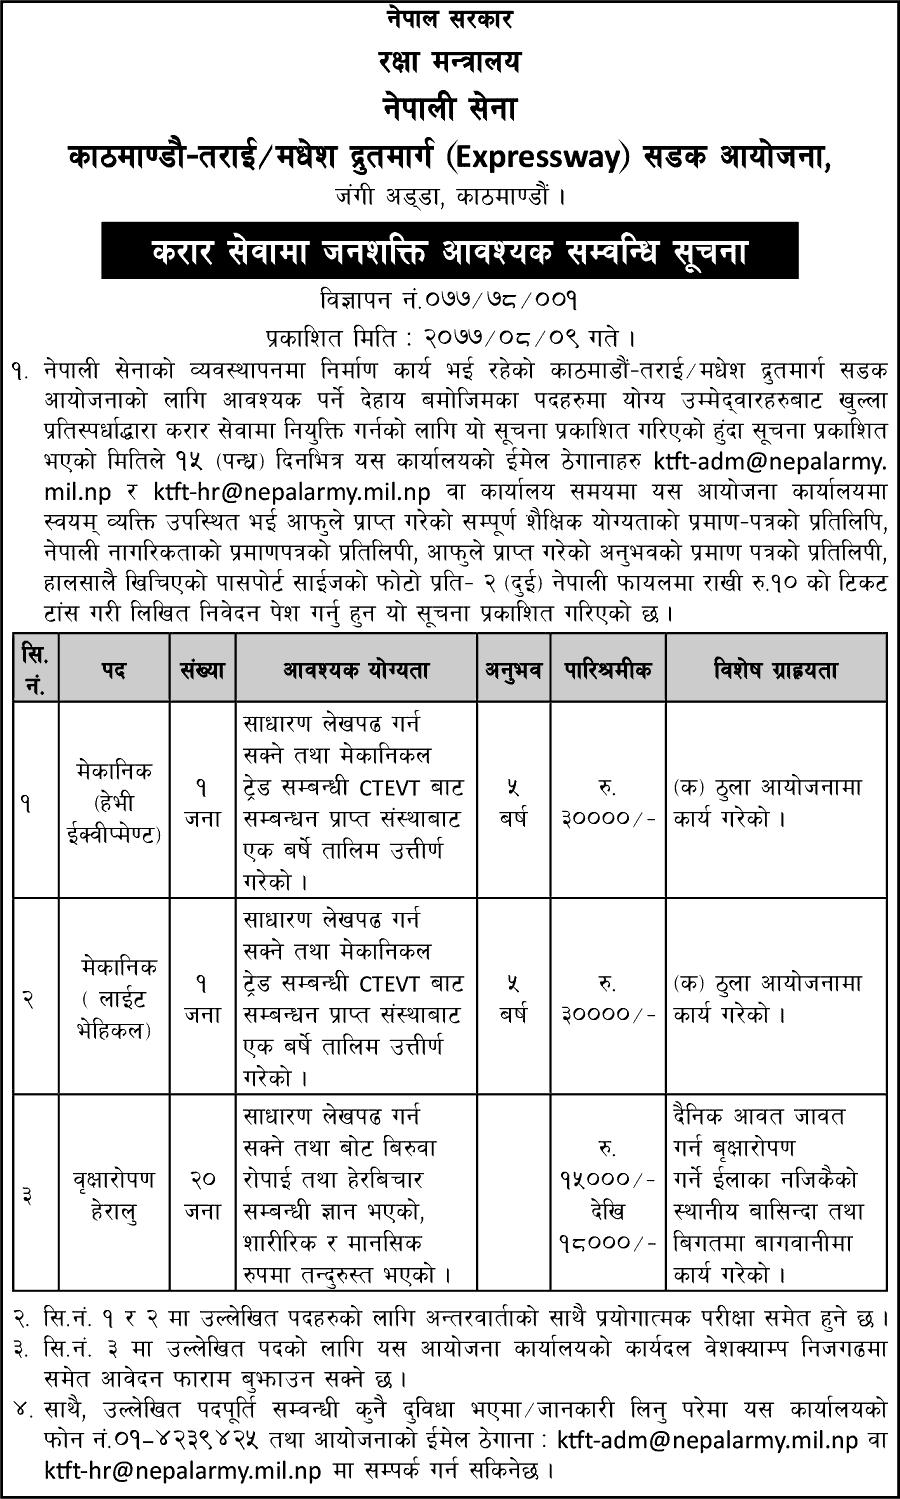 Kathmandu-Terai / Madhesh Expressway Road Project Vacancy